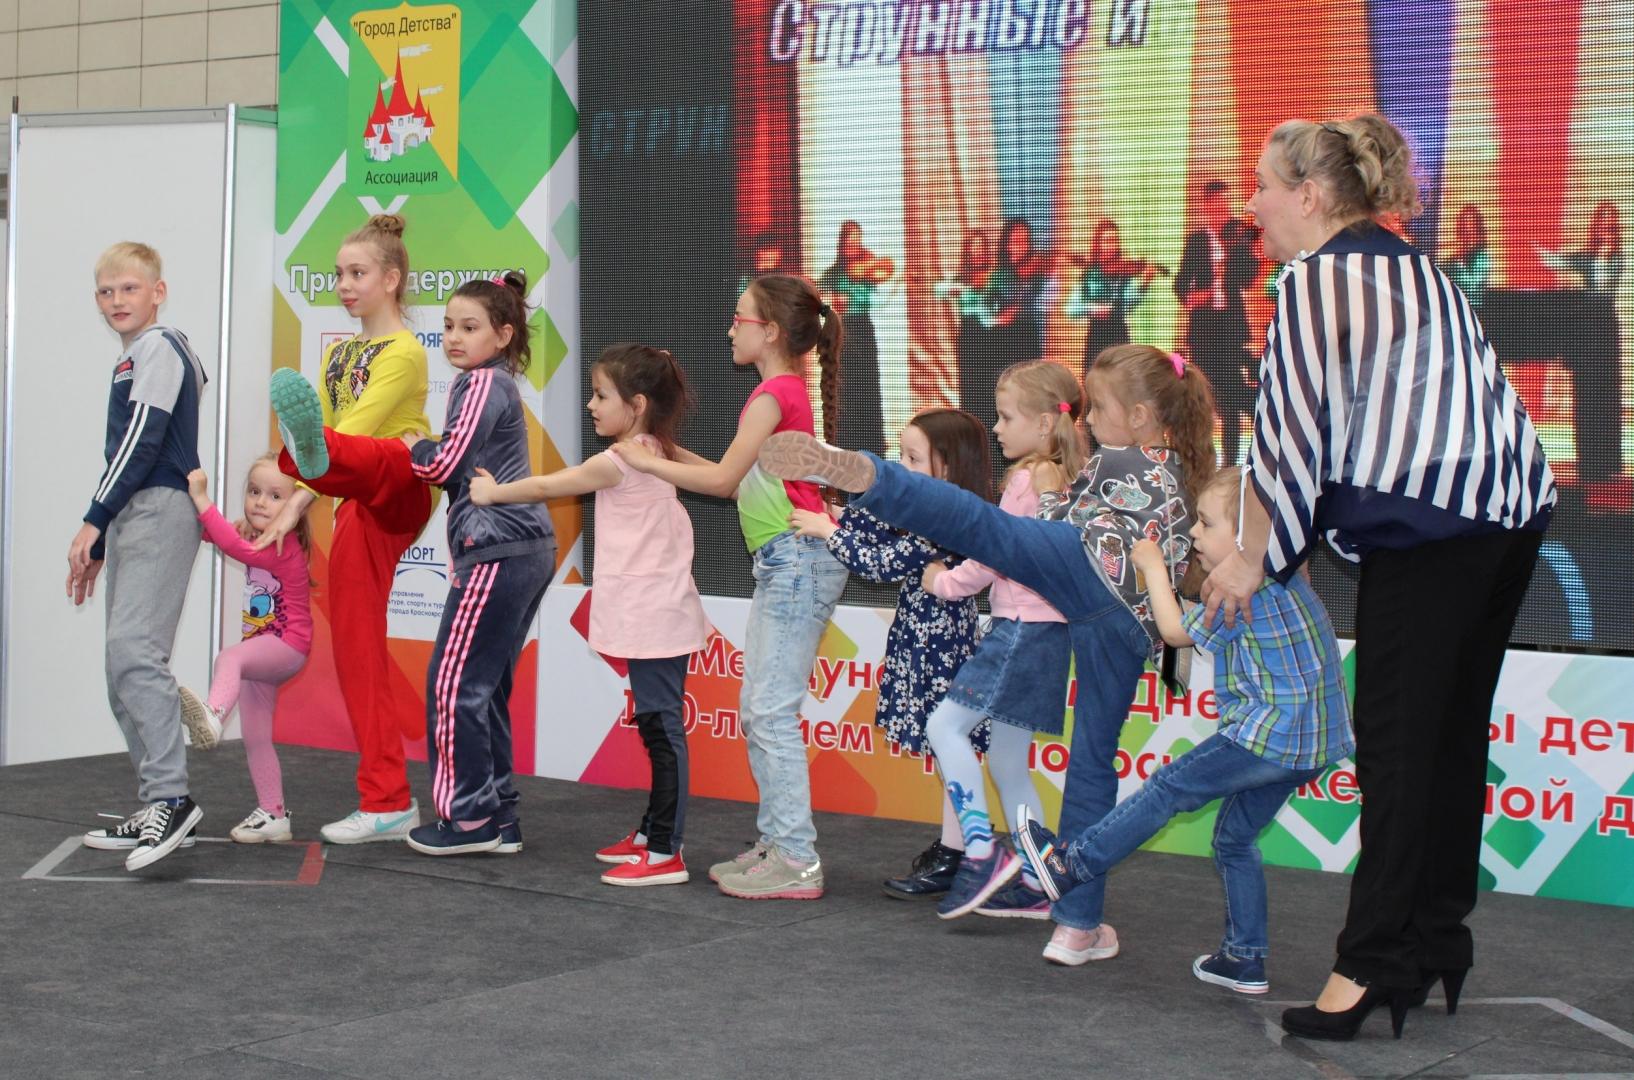 Выставка-игра «Спортлэнд» 2 июня 2019